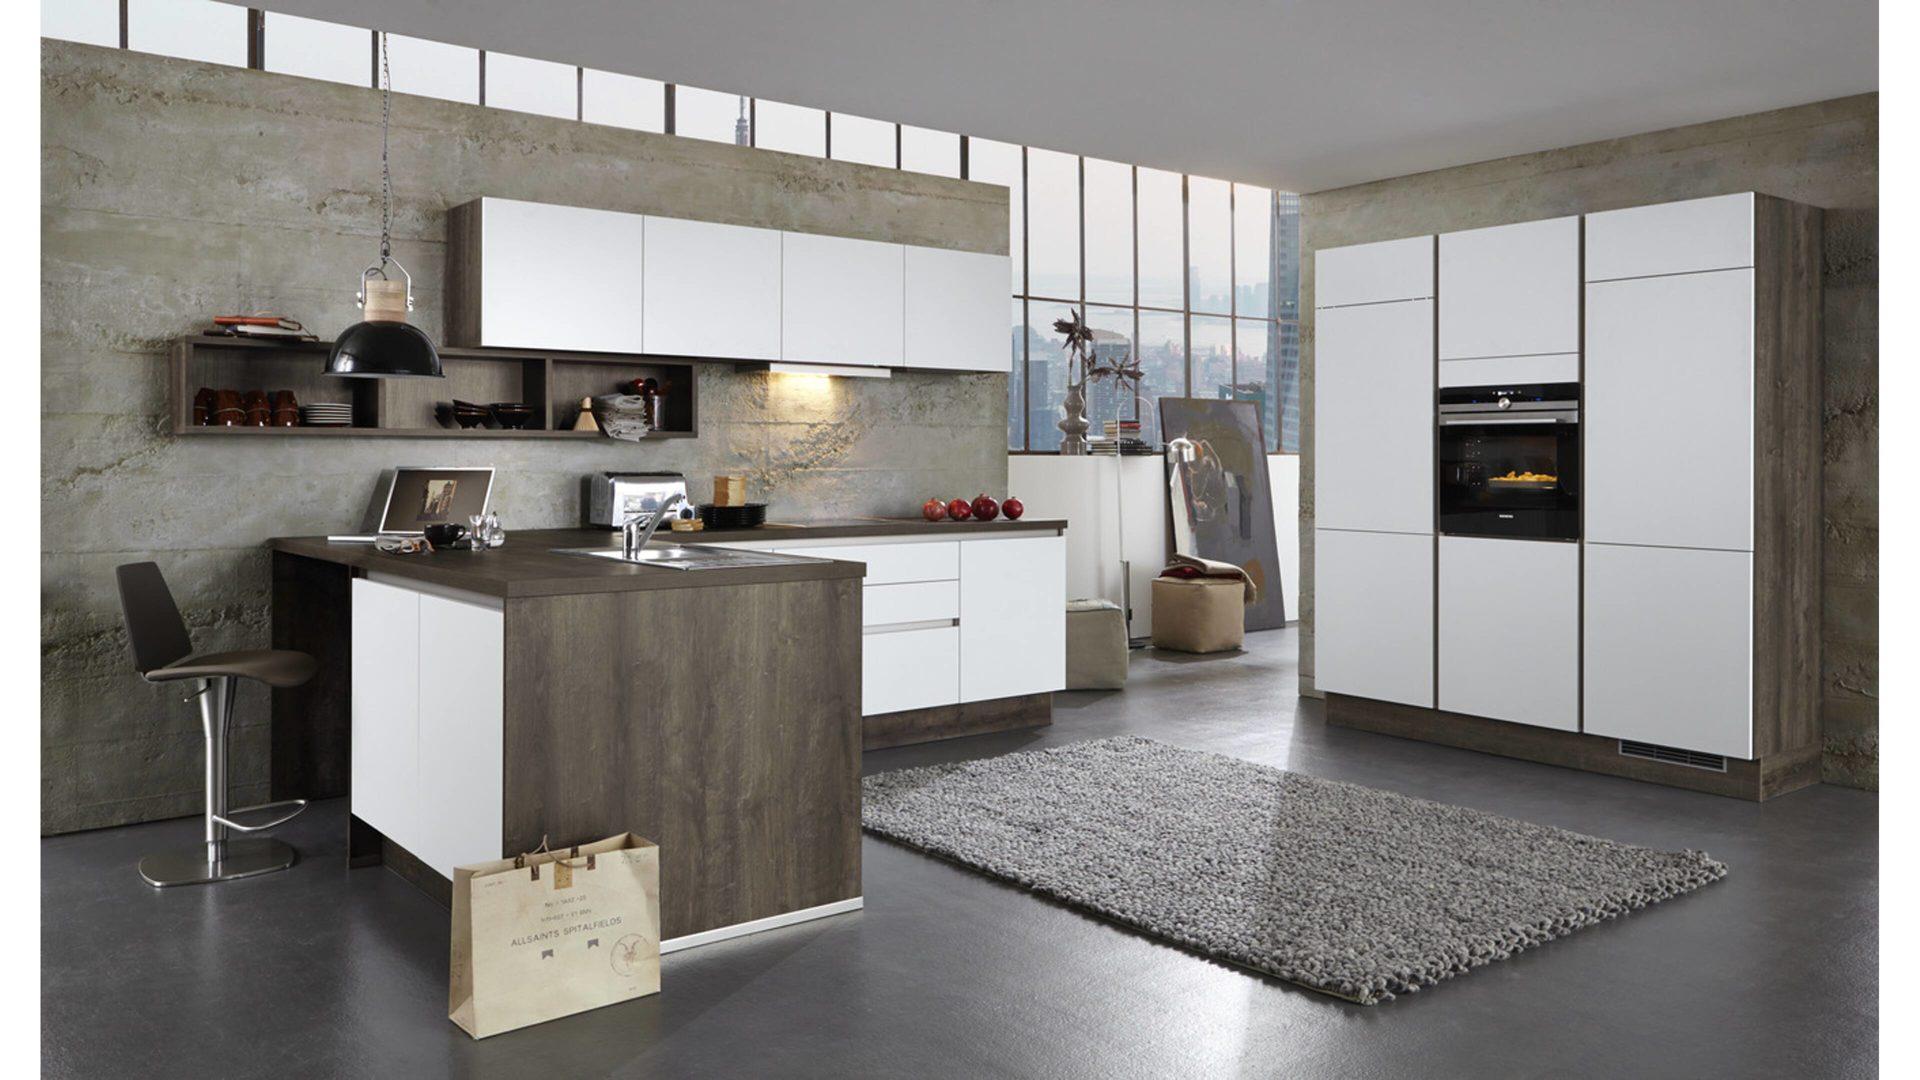 Schön Beste Farbe Zu Verwenden, Um Auf Holz Küchenschränke Fotos ...